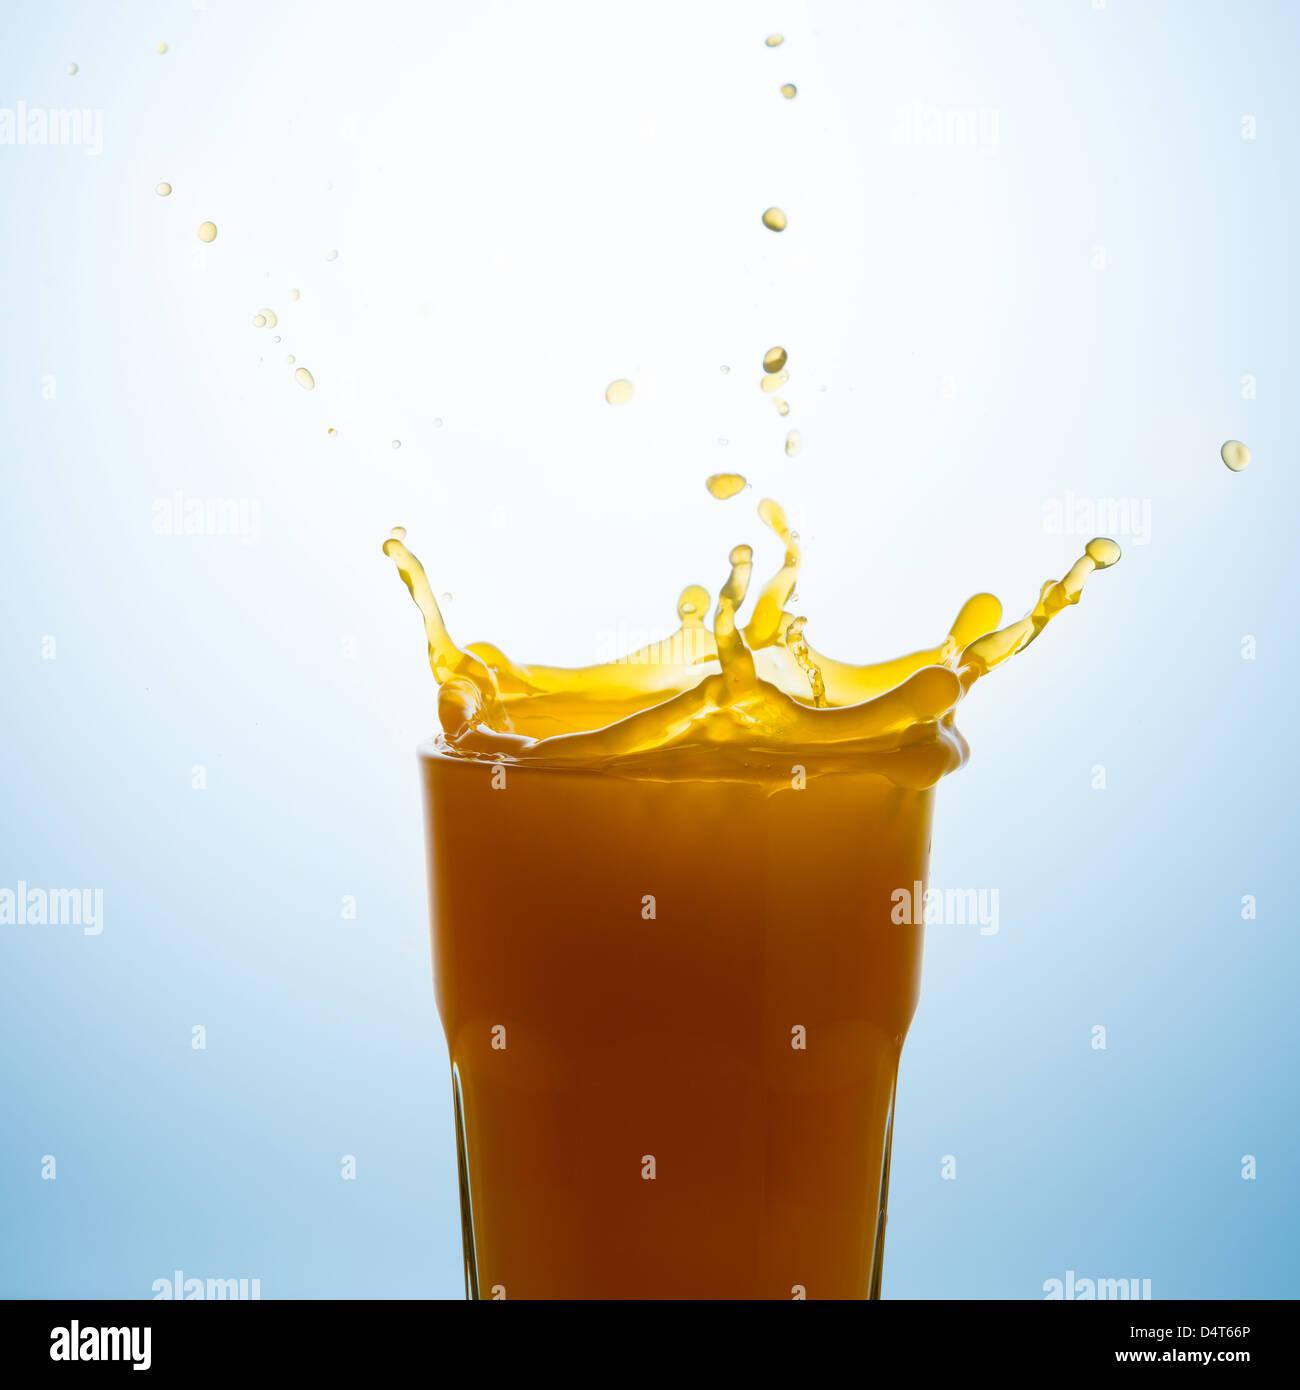 Splash su un bicchiere di succo di arancia contro uno sfondo blu Immagini Stock